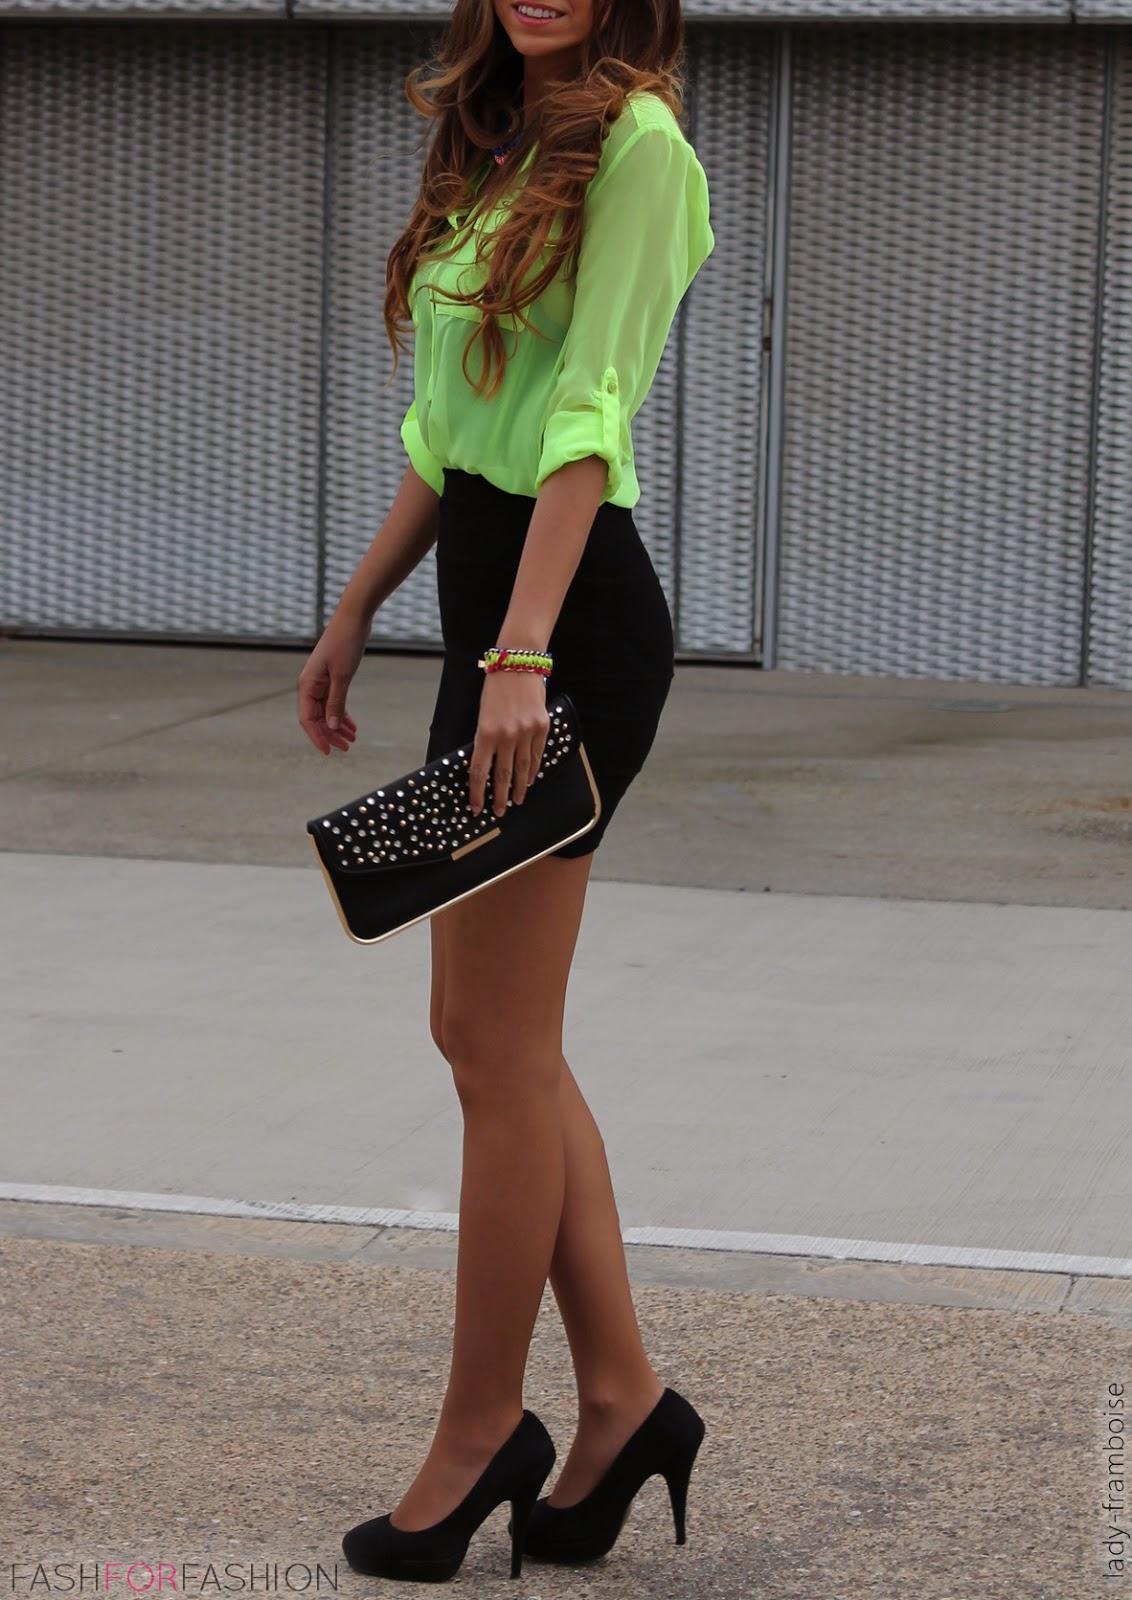 imagenes de marcas de ropa - imagenes de ropa | Zara, Mango, Blanco ¿por qué las marcas de ropa se